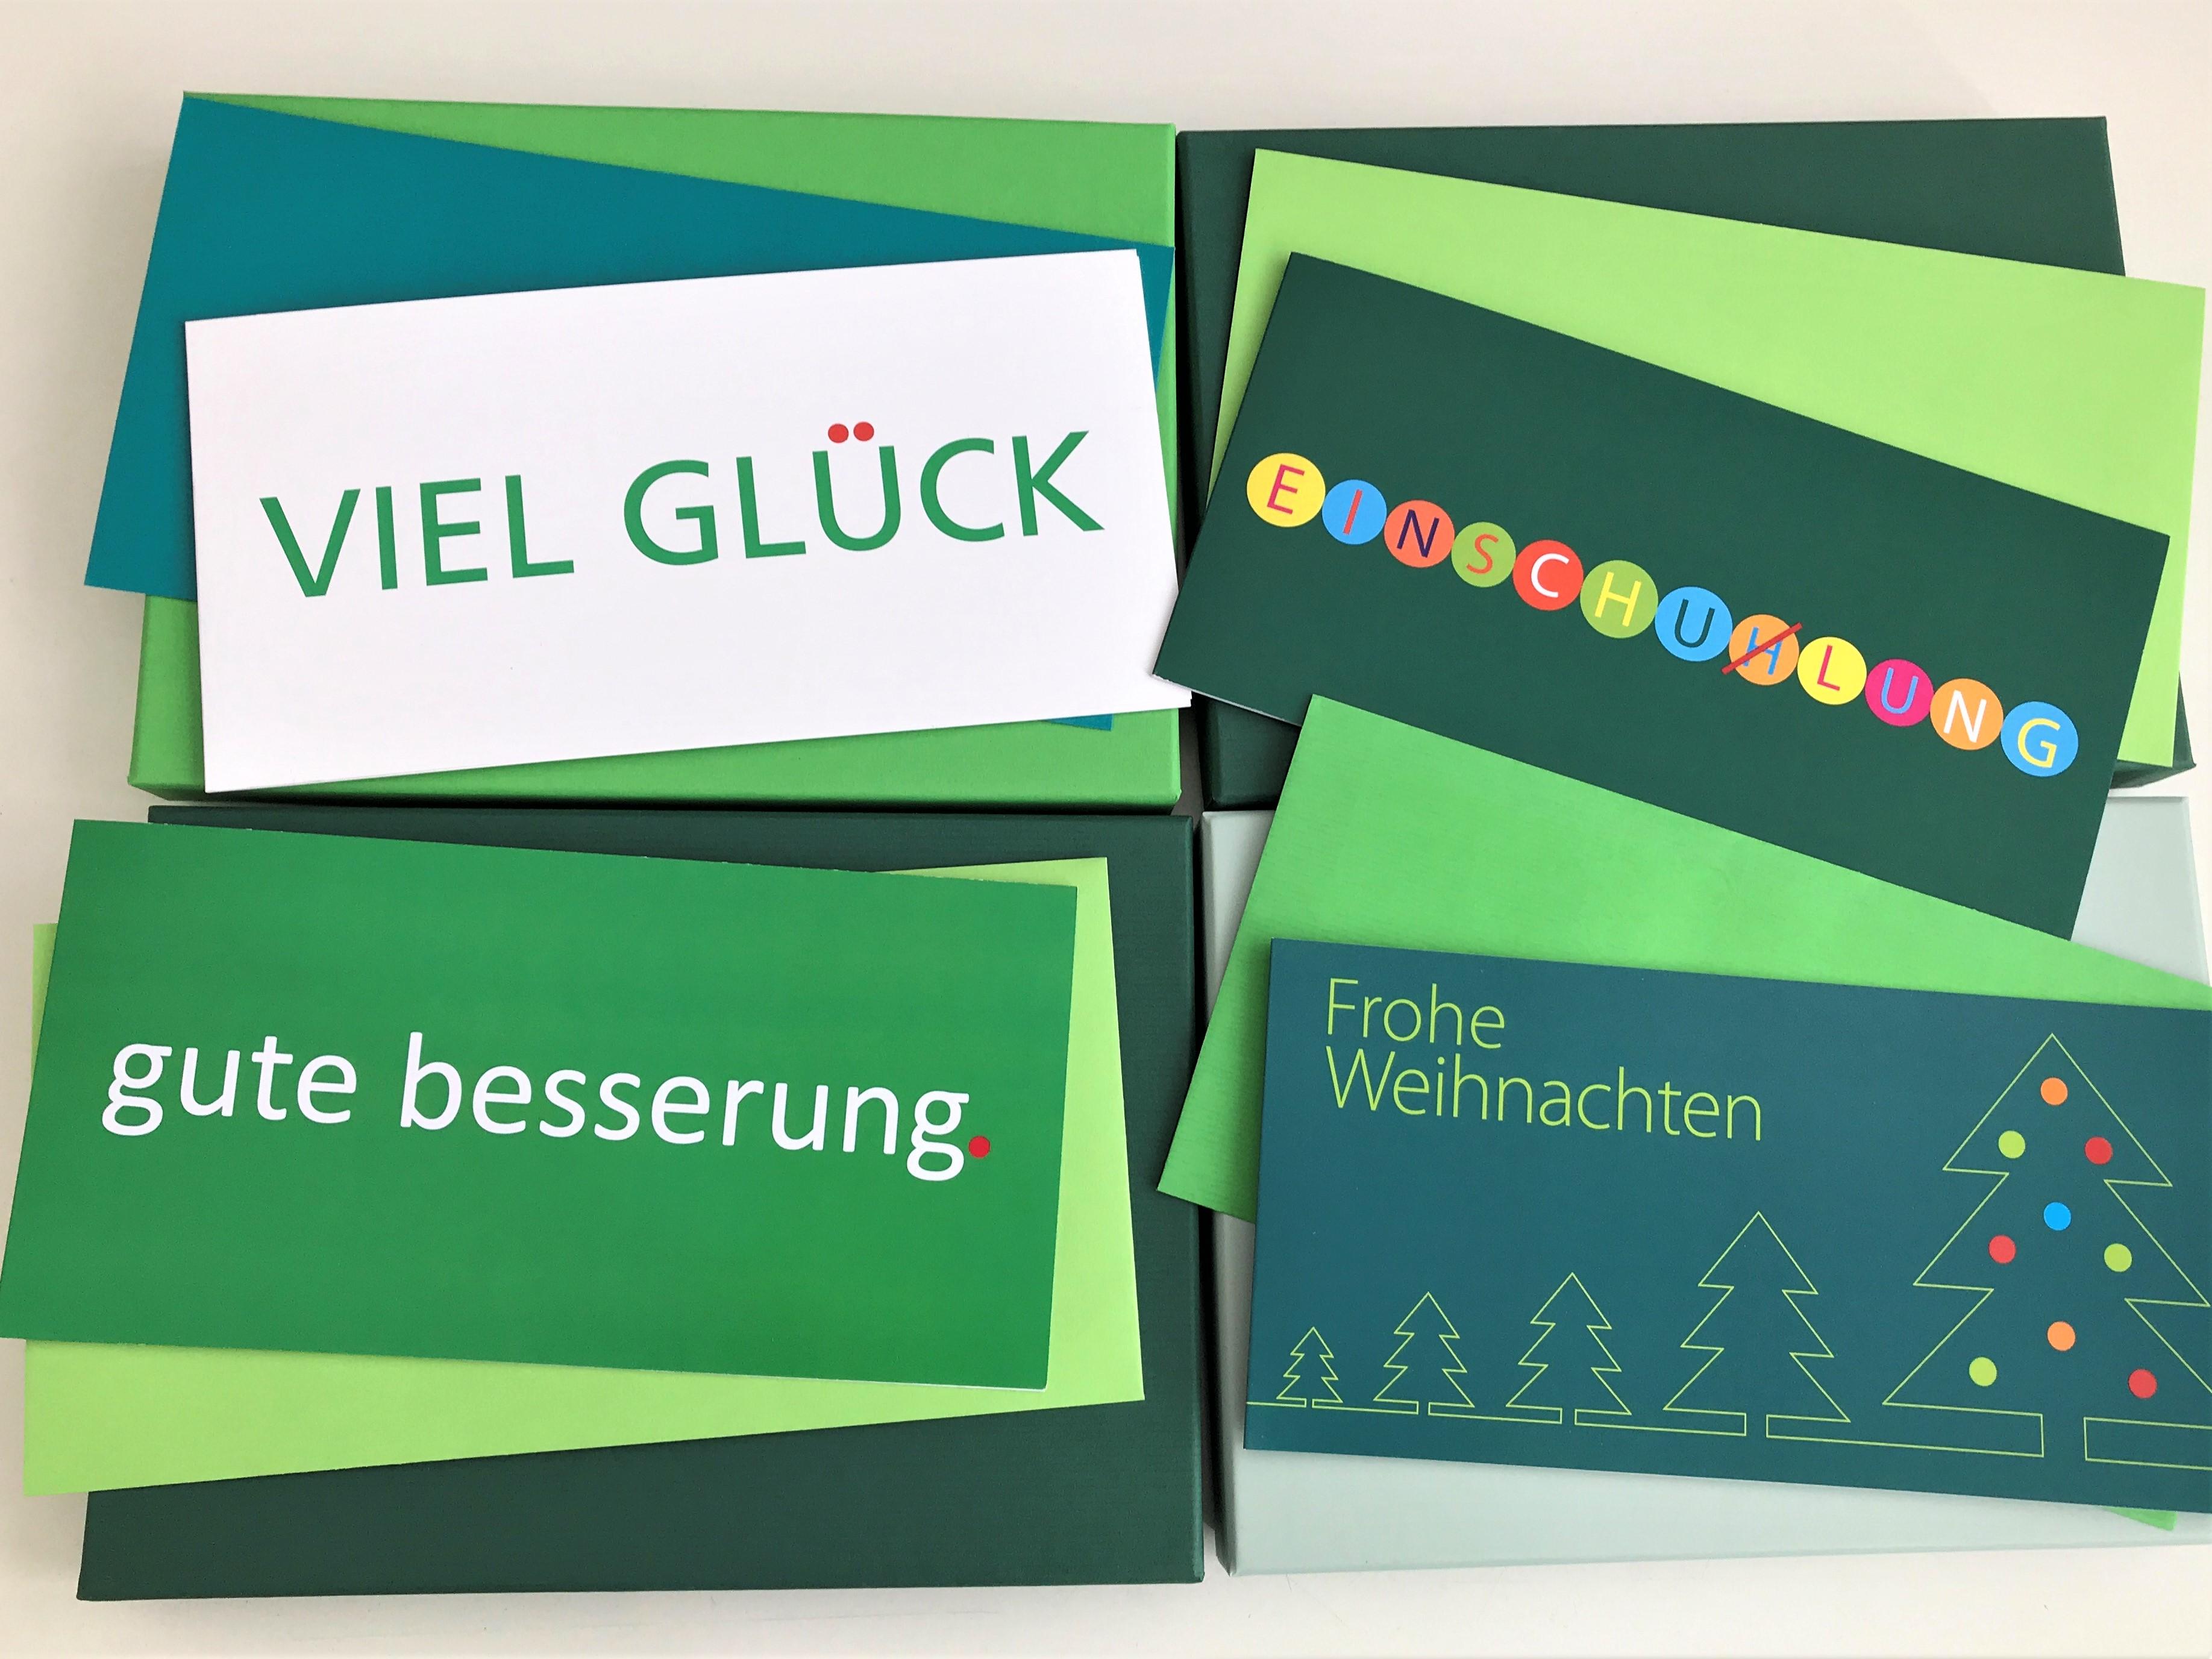 Die-Farbe-gr-n_gr-ne-Grusskarten_Kuverts_atoz-pure-Box_grusskarten-designJGsvbQL50dBam